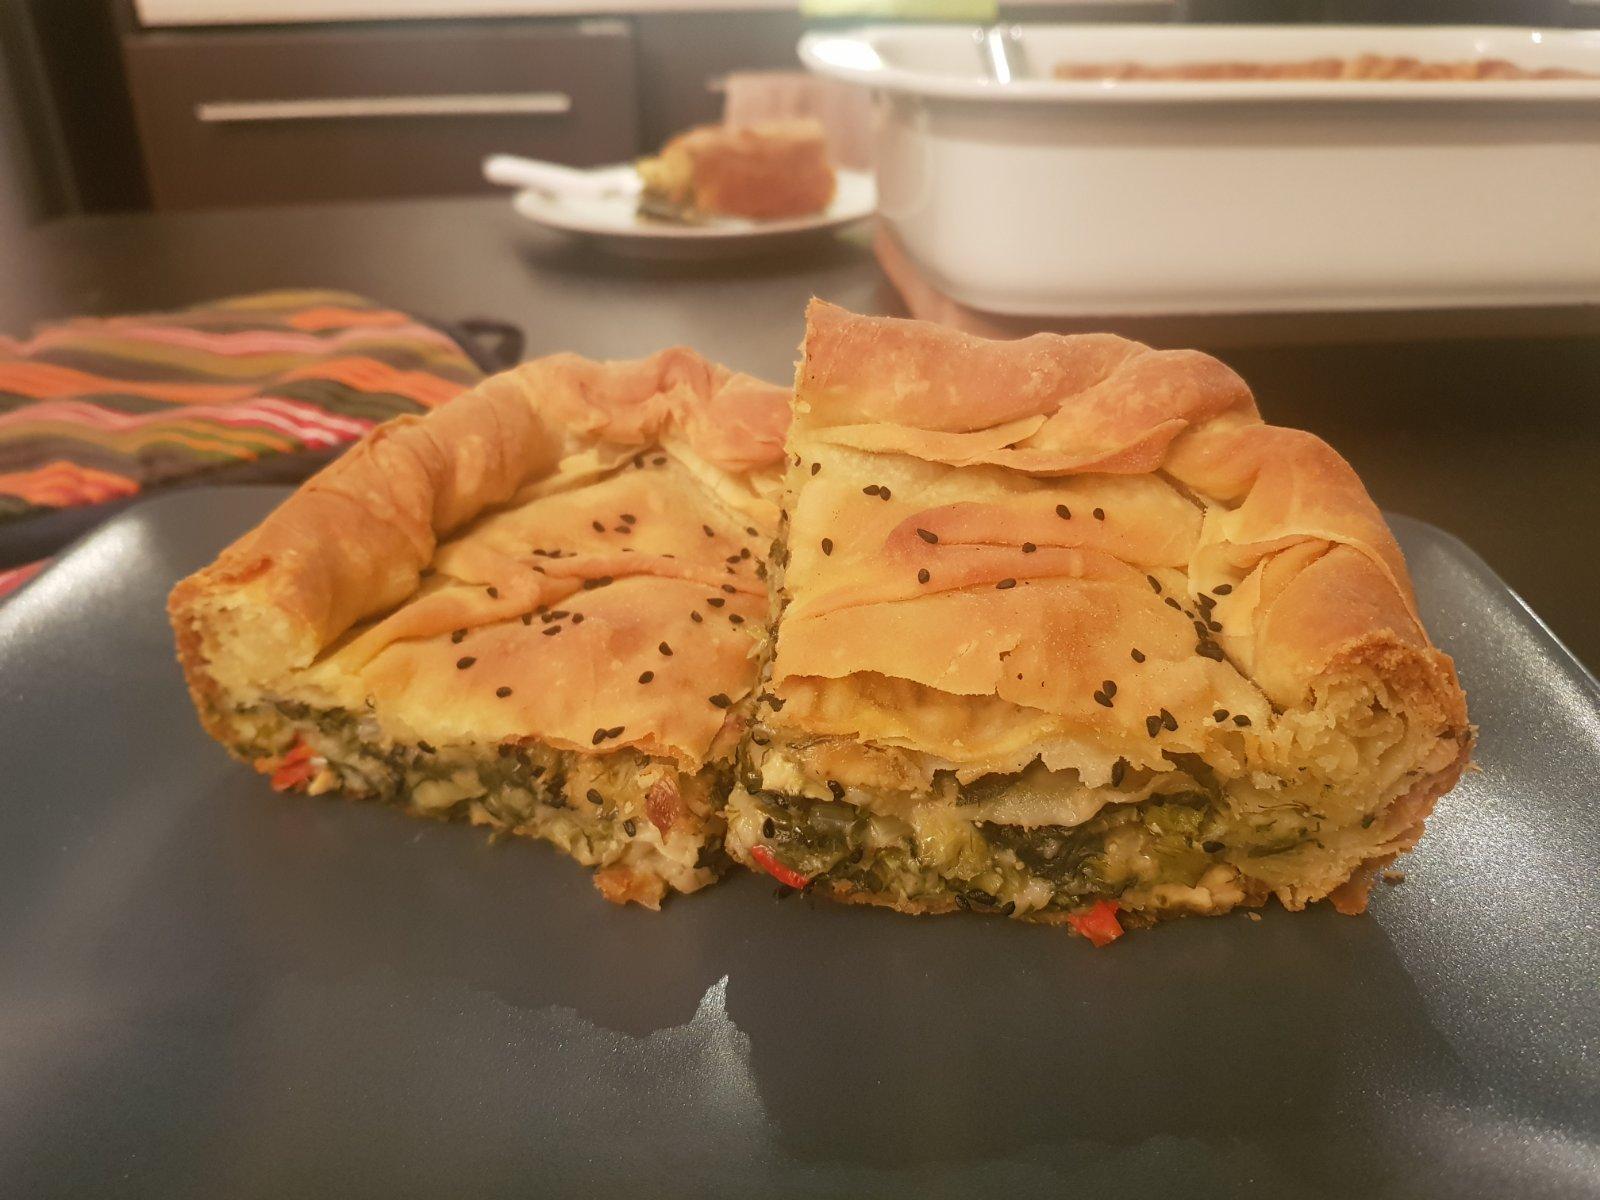 χορτοπιτα, νηστισιμη χορτόπιτα, vegan χορτοπιτα, σπανακοπιτα, πιτα, πίτα, σπιτικο φυλλο, τραγανο φυλλο, στον φουρνο, συνταγη, vegan, σπανακι, σεσκουλα, σεσκουλο, πρασο, πράσα, συνταγές της γιαγιας, παραδοσιακη συνταγη, συνταγη στο youtube, vegan_ml, vegan ml, τοφου, tofu, ζυμαρι, φυλλο ζυμης, κινοα